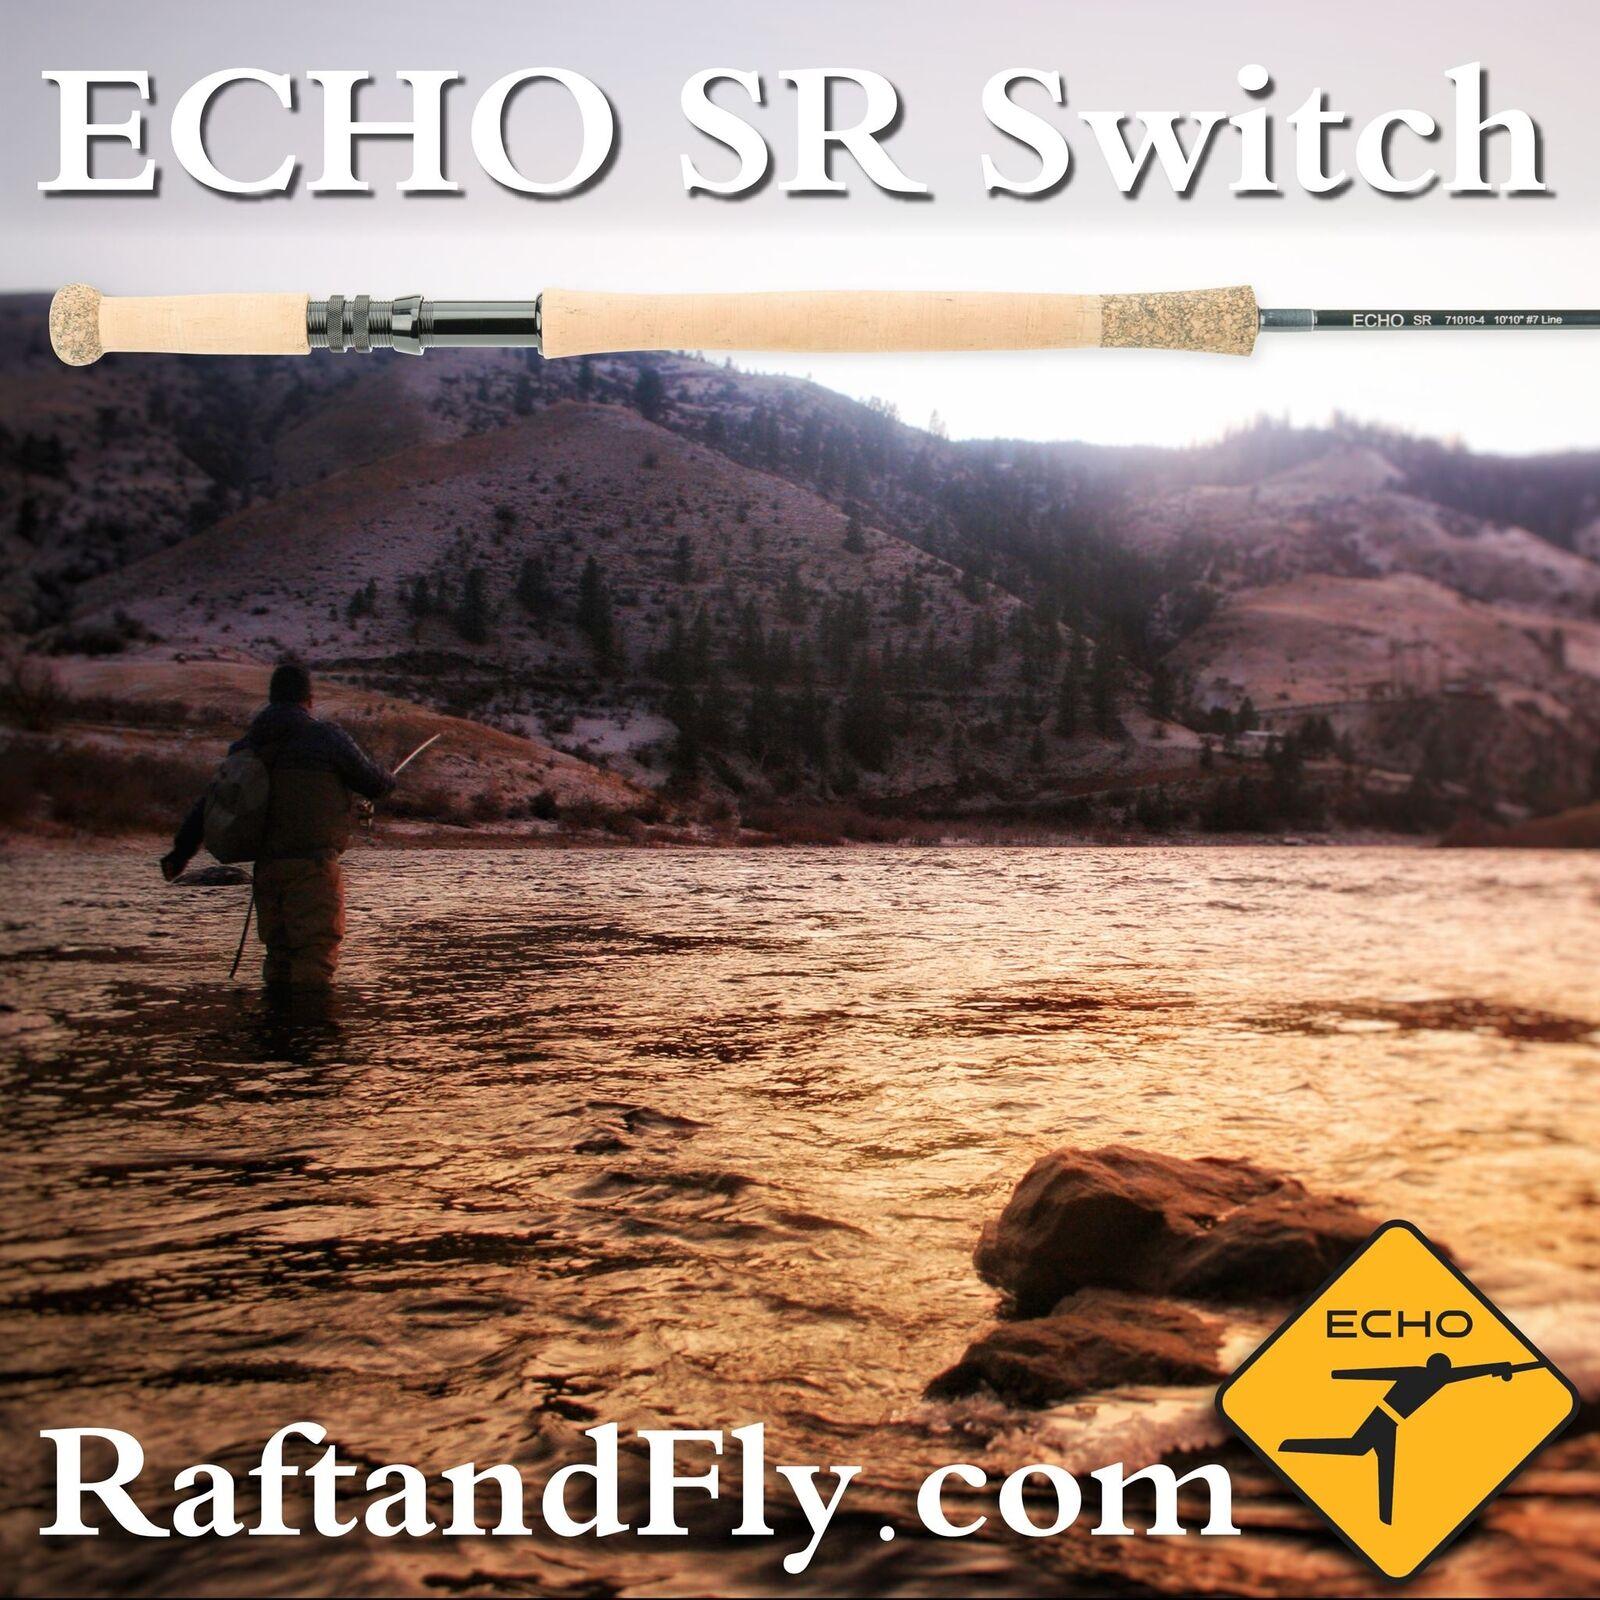 Echo SR 3wt Switch Trout Spey - Lifetime Warranty - FREE SHIPPING